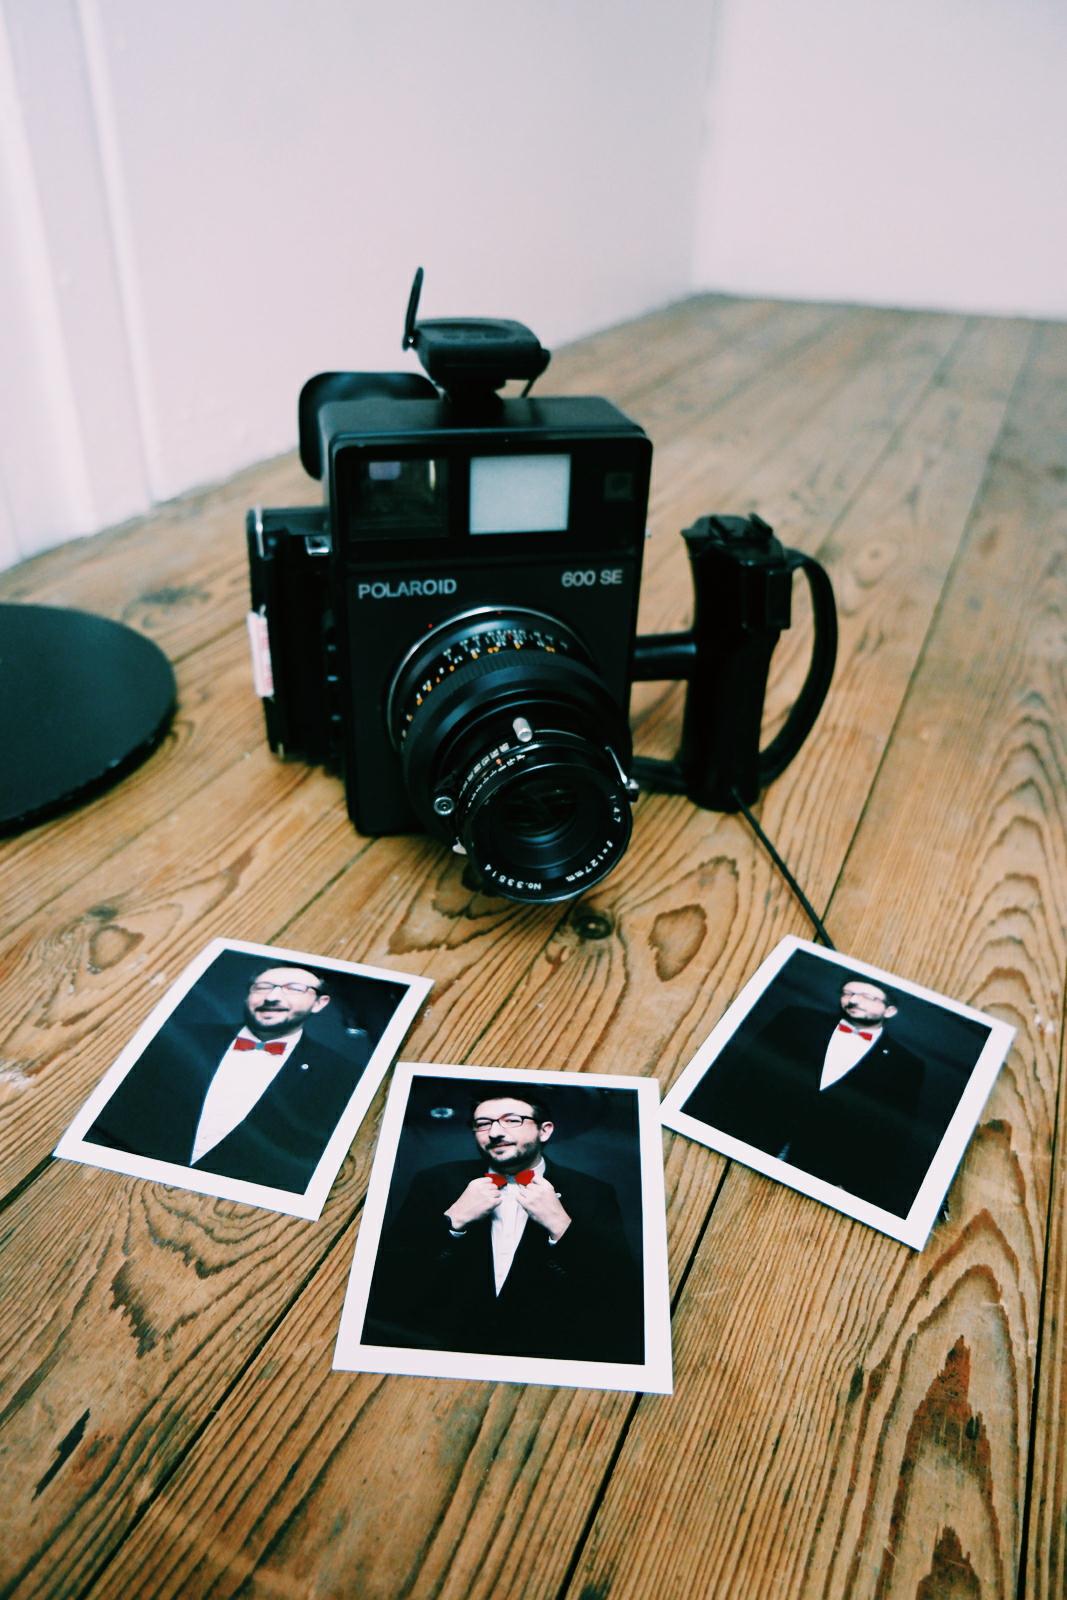 Tirages-Polaroïd-portrait-par-le-photographe-David-Haffen-séance-photo-en-studio-montorgueil-ou-dans-la-rue-pic-by-united-states-of-paris-usofparis-blog